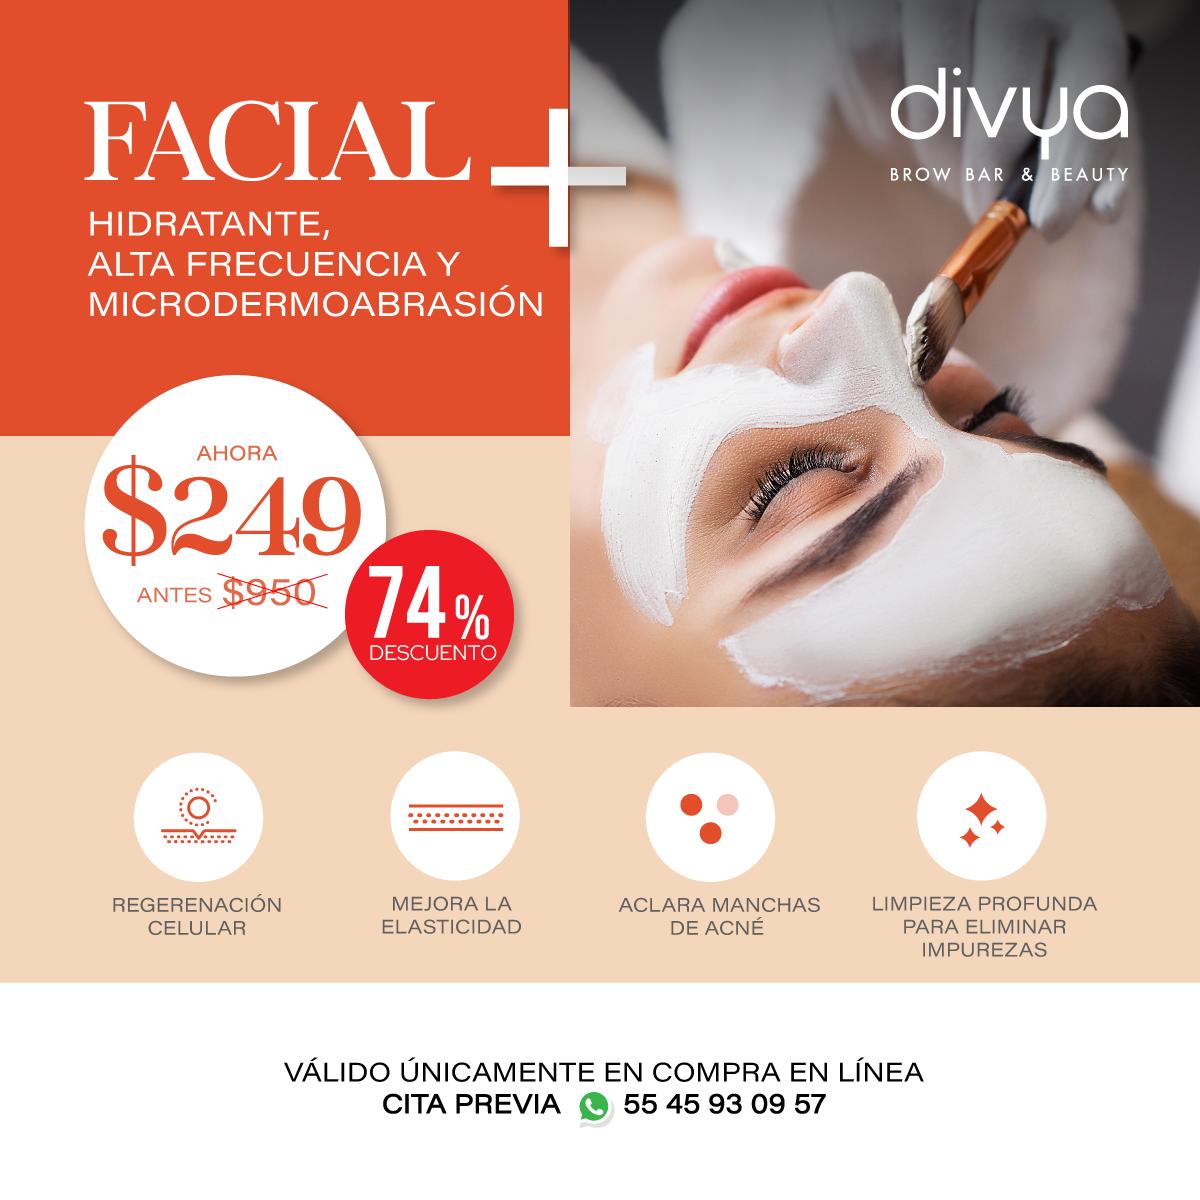 Facial + Microdermobrasión y Alta Frecuencia- SÓLO GALERÍAS INSURGENTES&w=900&h=900&fit=crop